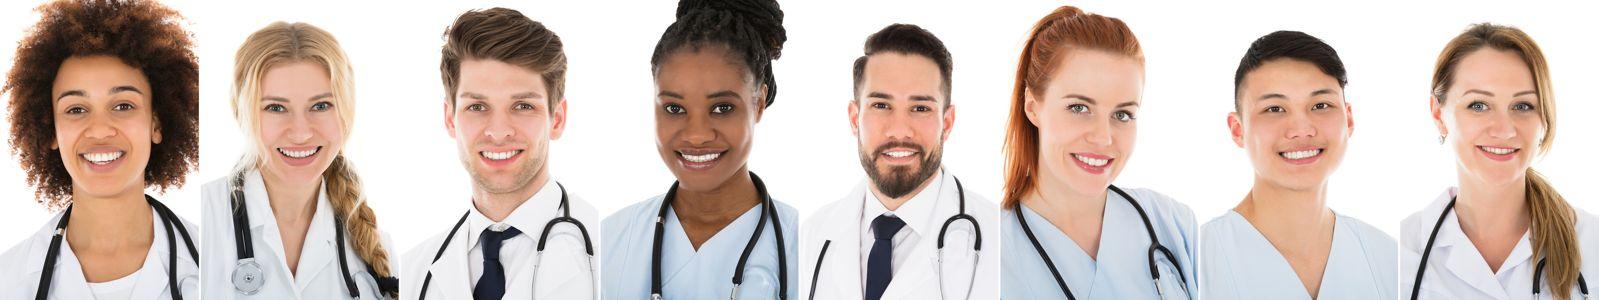 kopp medics